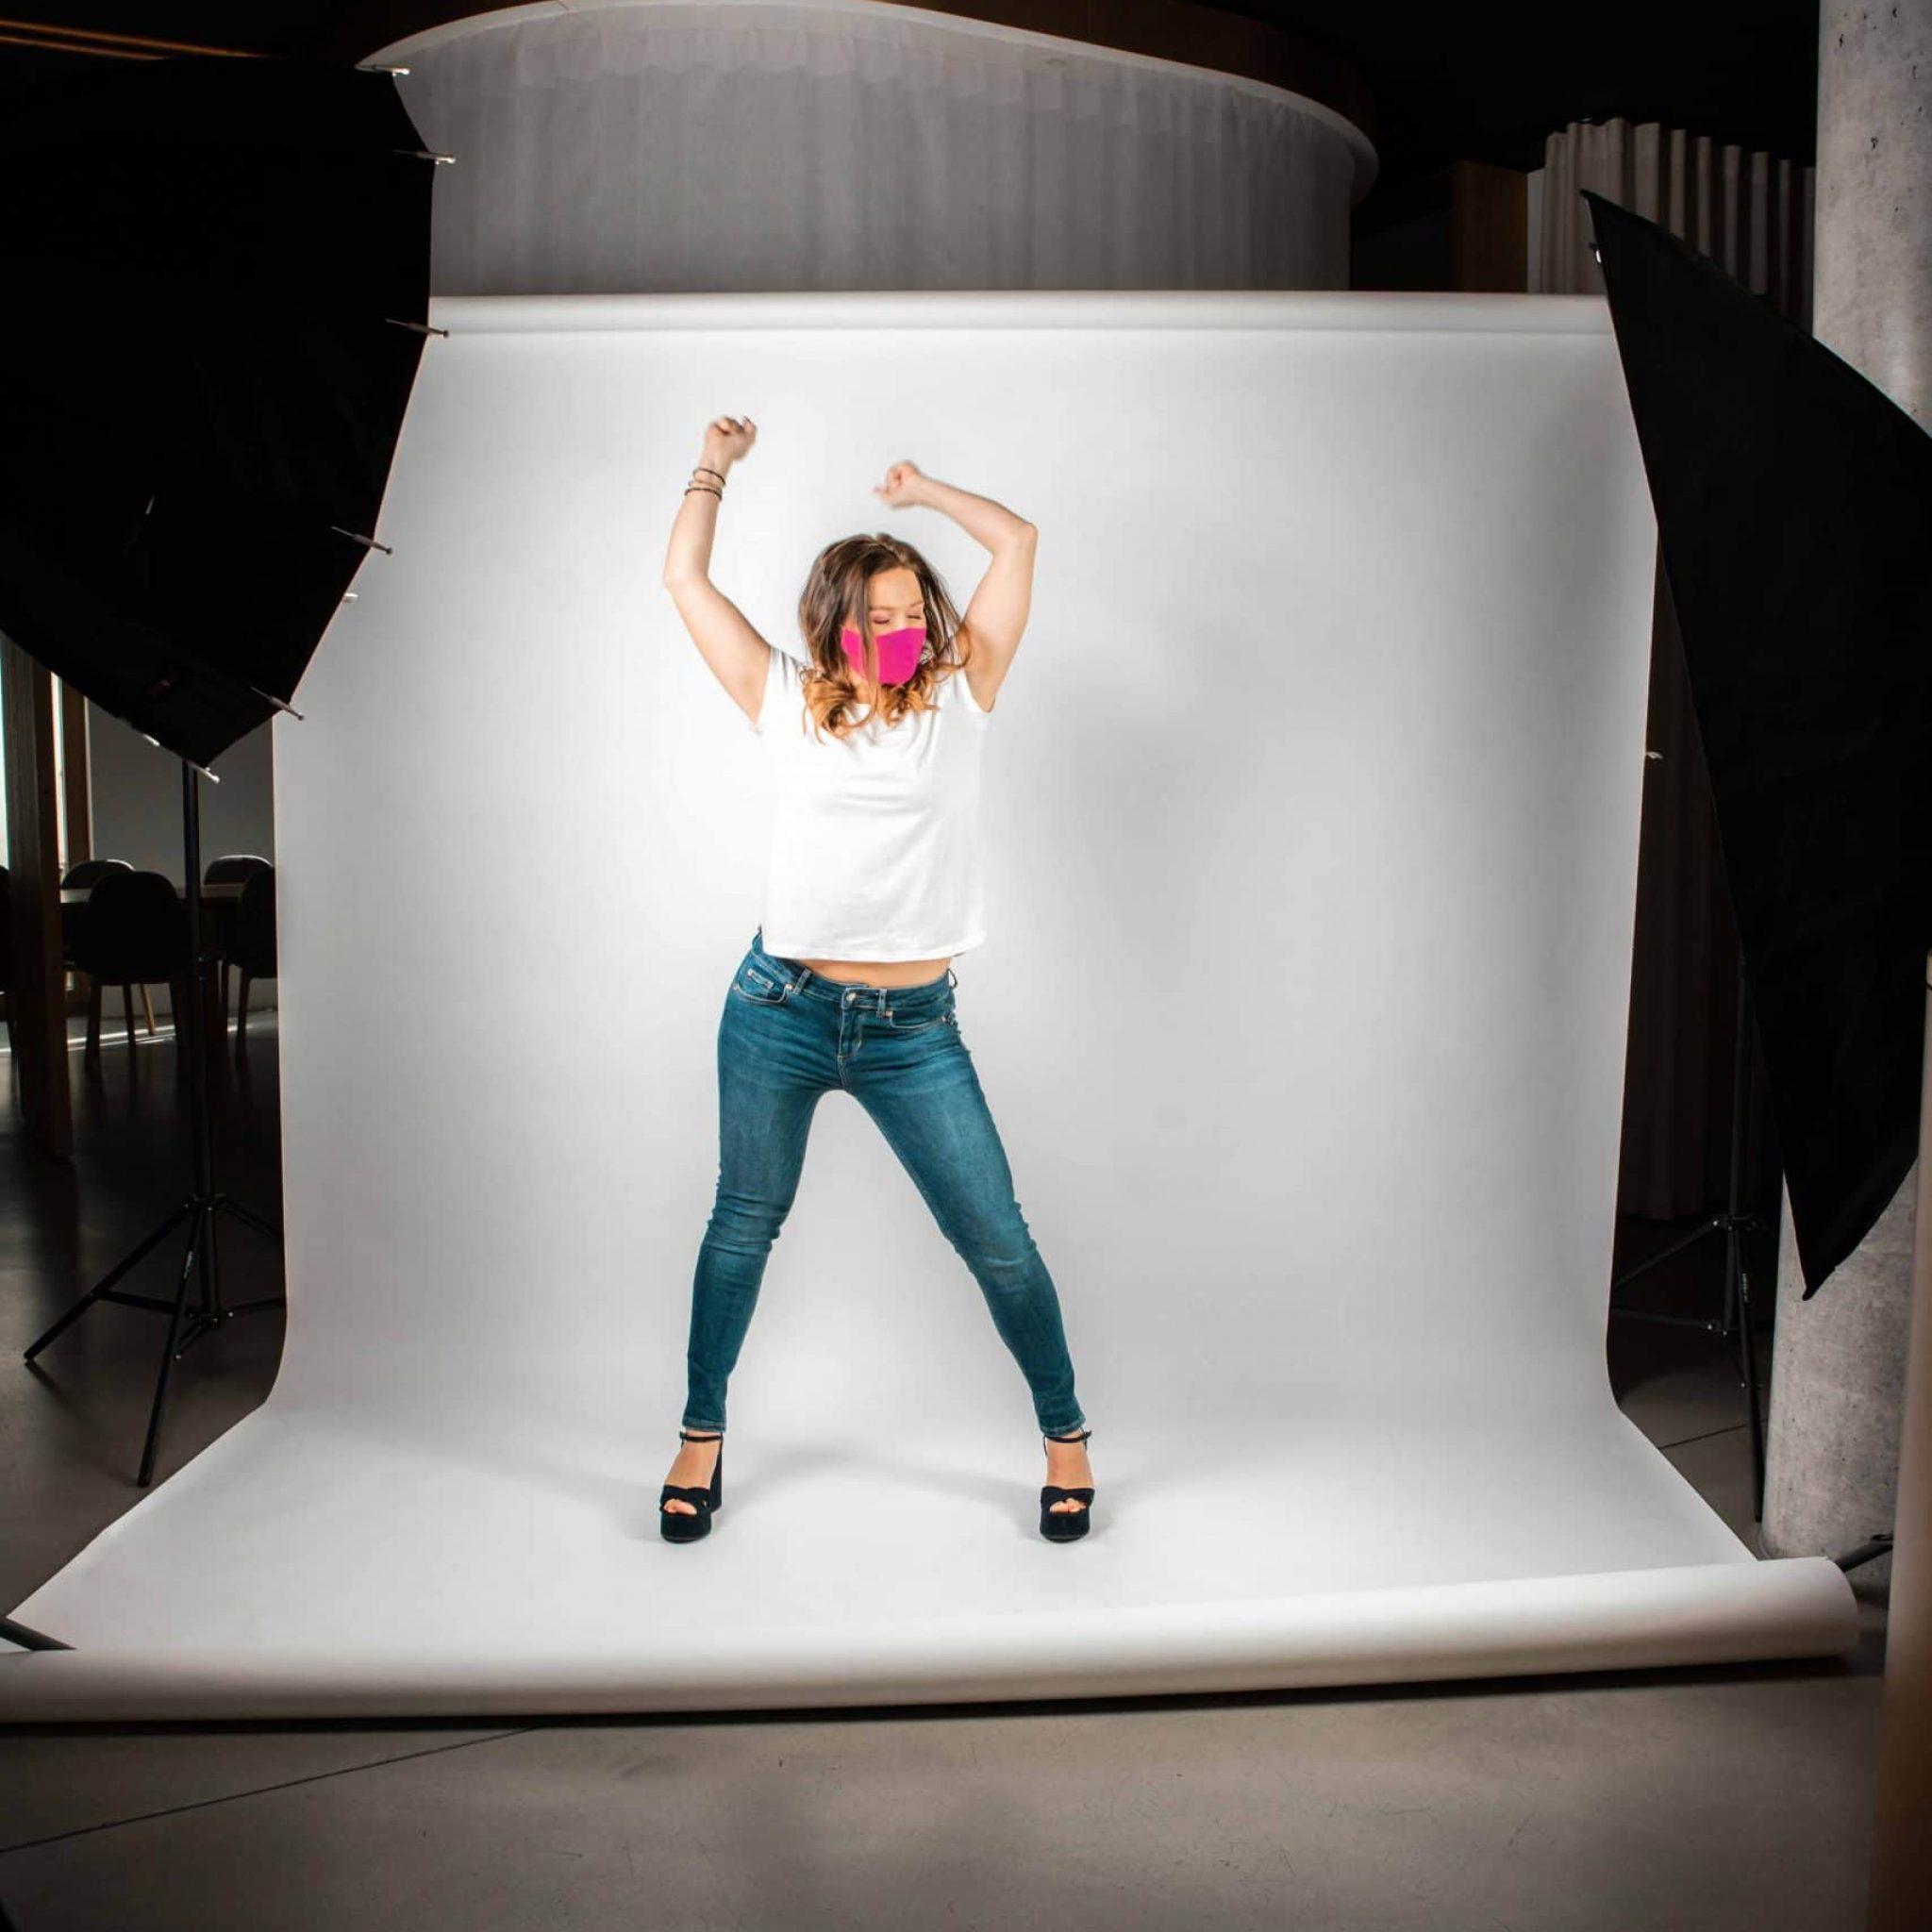 Eine Frau bei Studioaufnahmen für Smile for Change Maske, My Blossom, Behind The Scenes Fotografie, WINGMEN Media